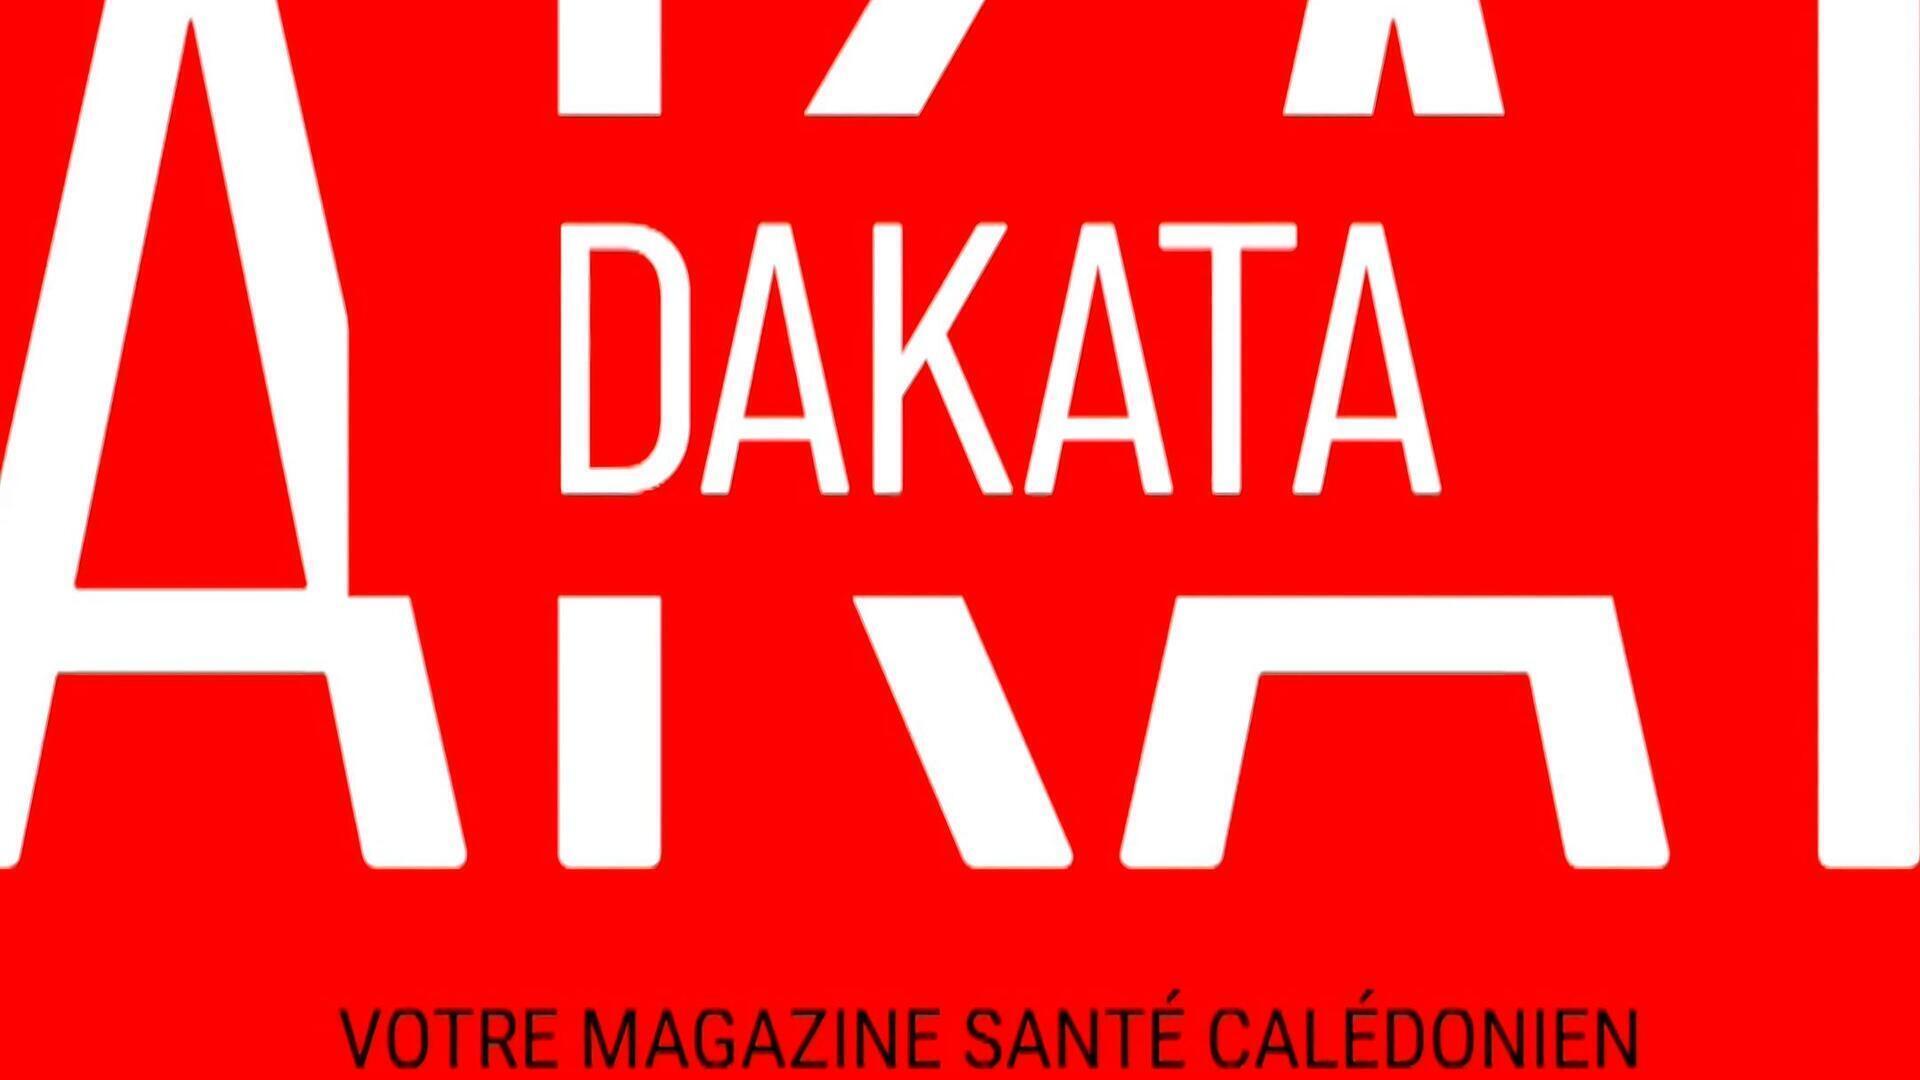 Dakata